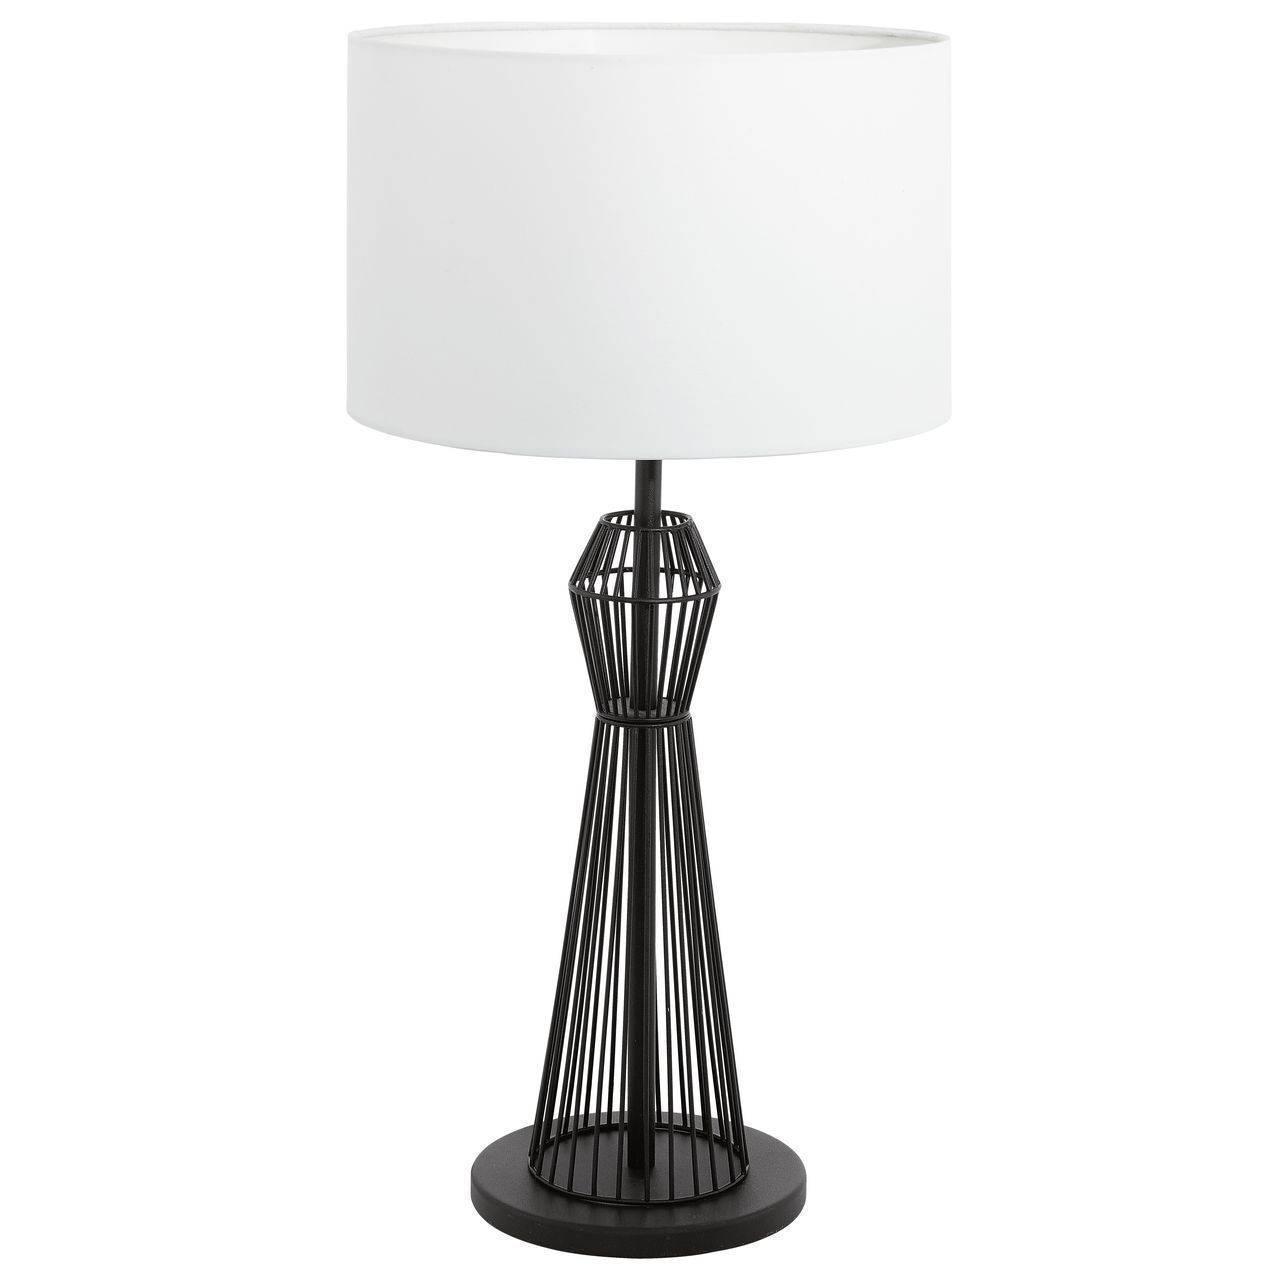 Купить настольную лампу в Новосибирске - Низкие цены